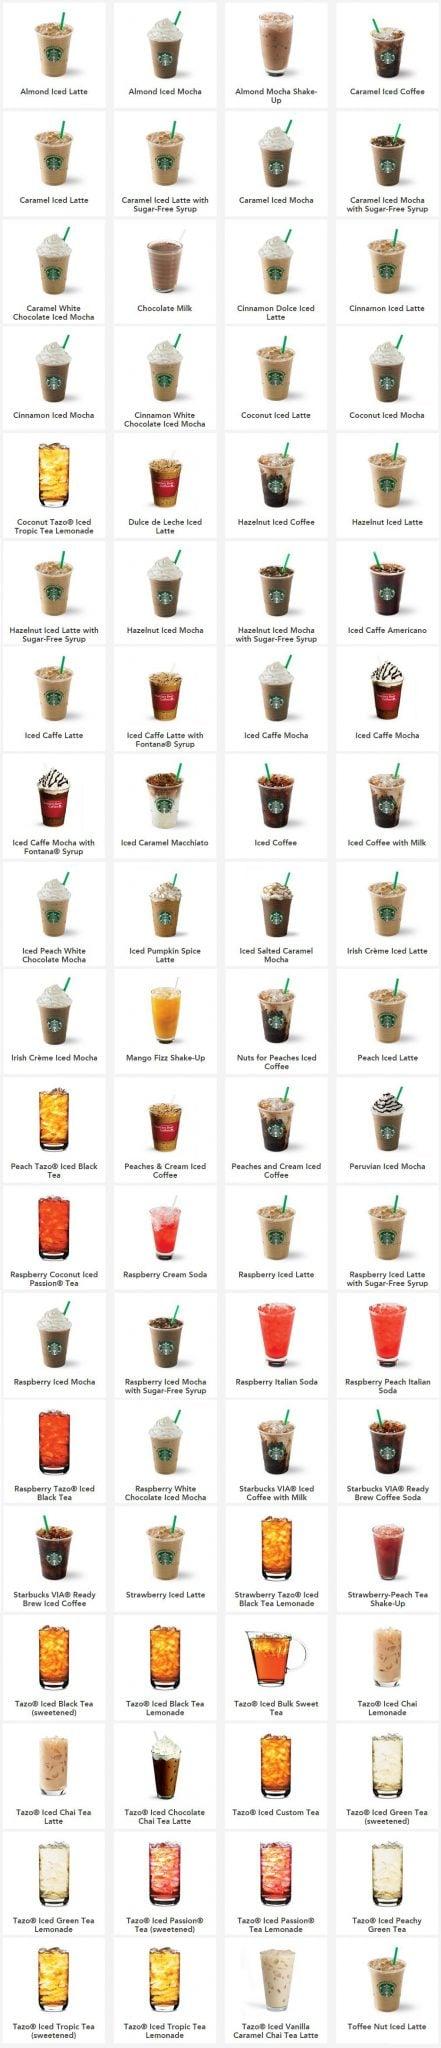 Công thức món lạnh Starbucks khoinghiepcafe.com